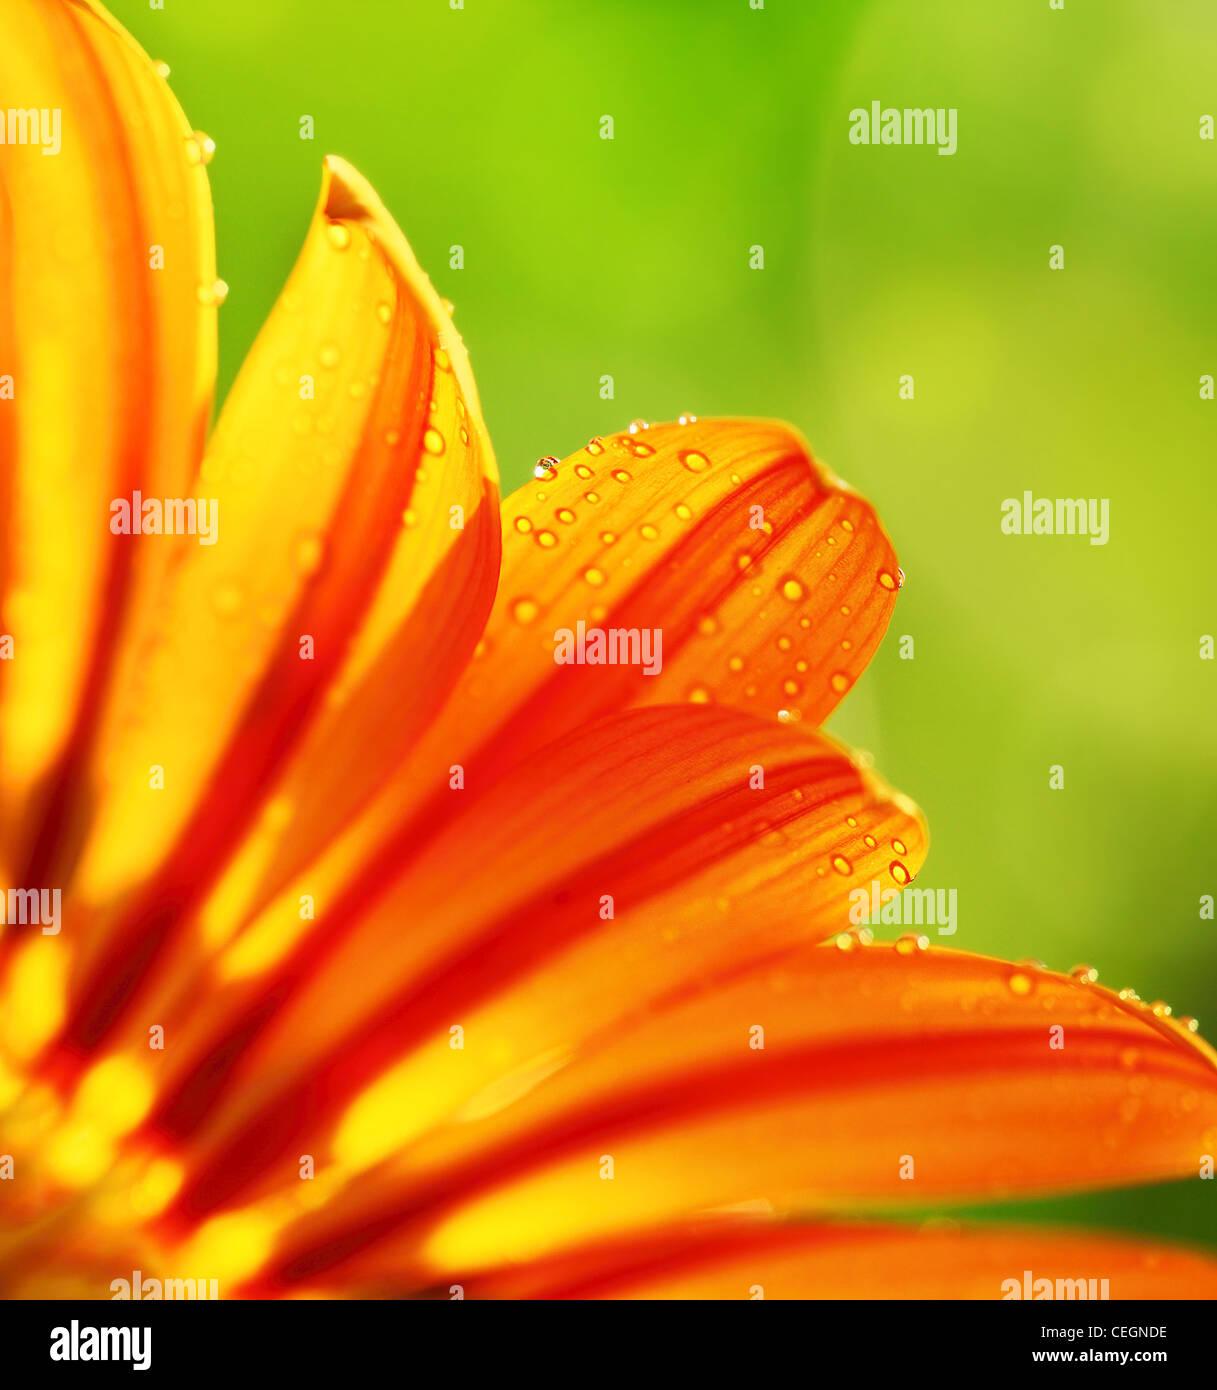 Abstrakte schöne Blume, bunten Blumen Hintergrund nass gelben Blütenblätter Grenze, Daisy Pflanze Stockbild